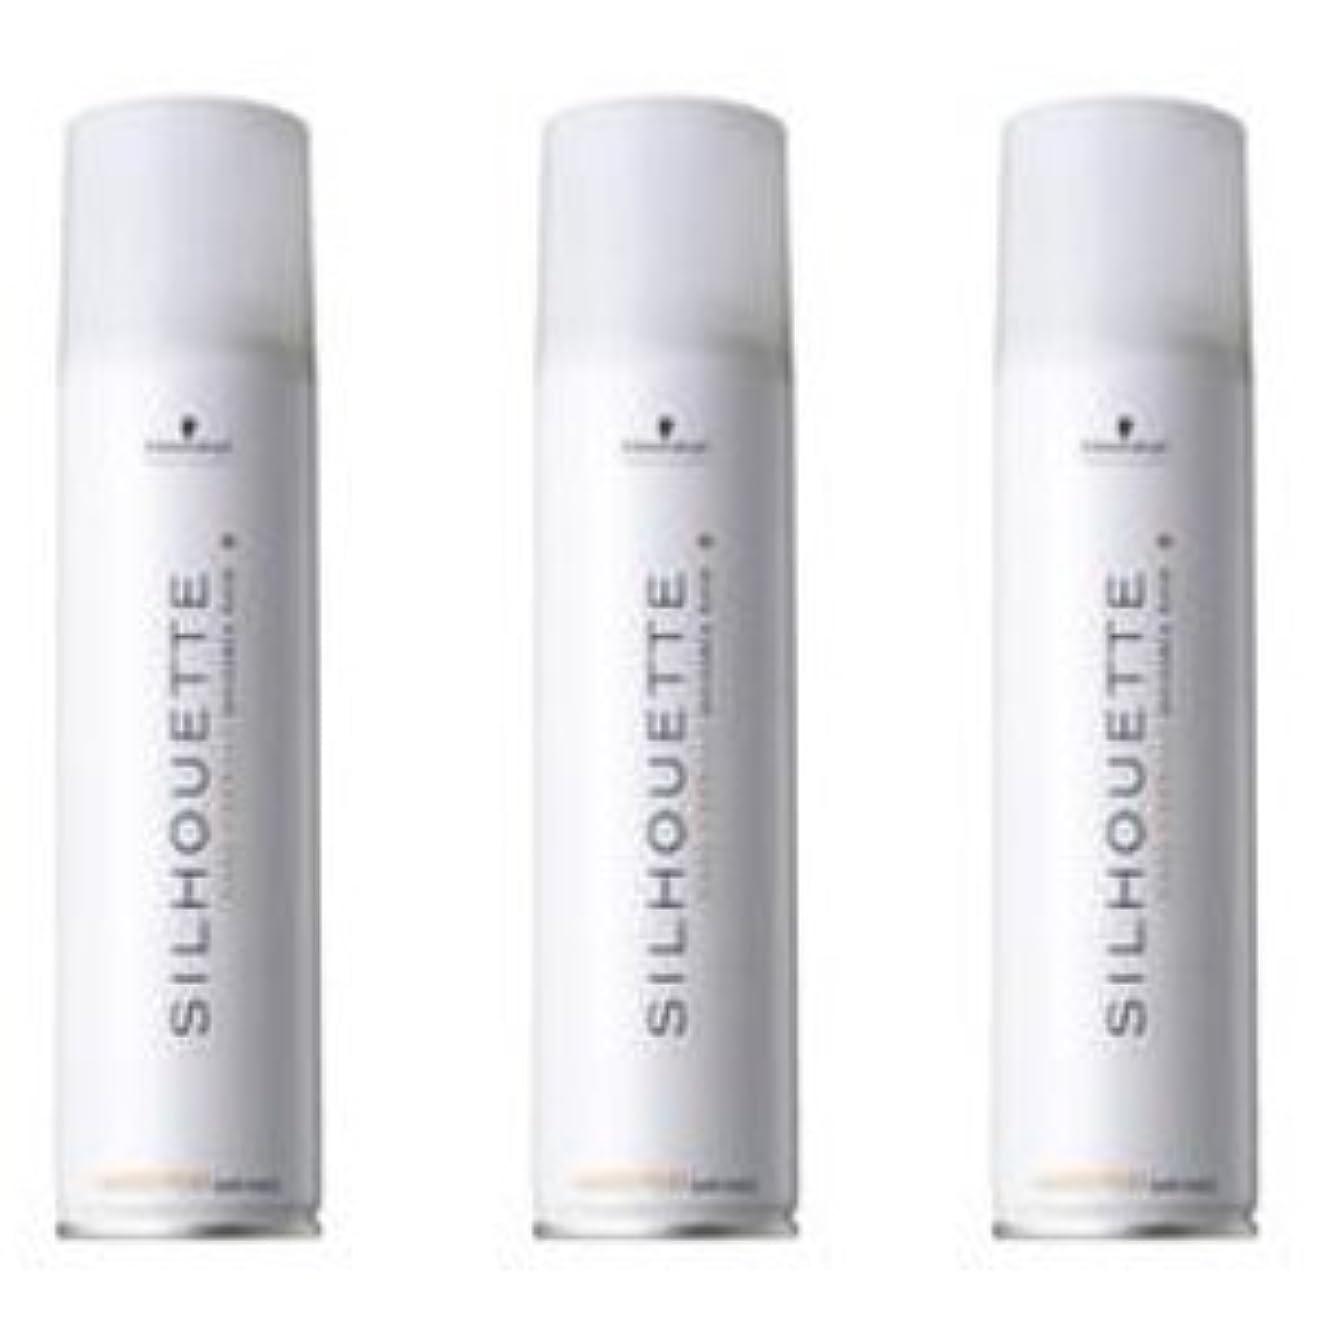 隔離する静かなビン【x3個セット】 シュワルツコフ シルエット/SILHOUETTE ソフトスプレー 295ml